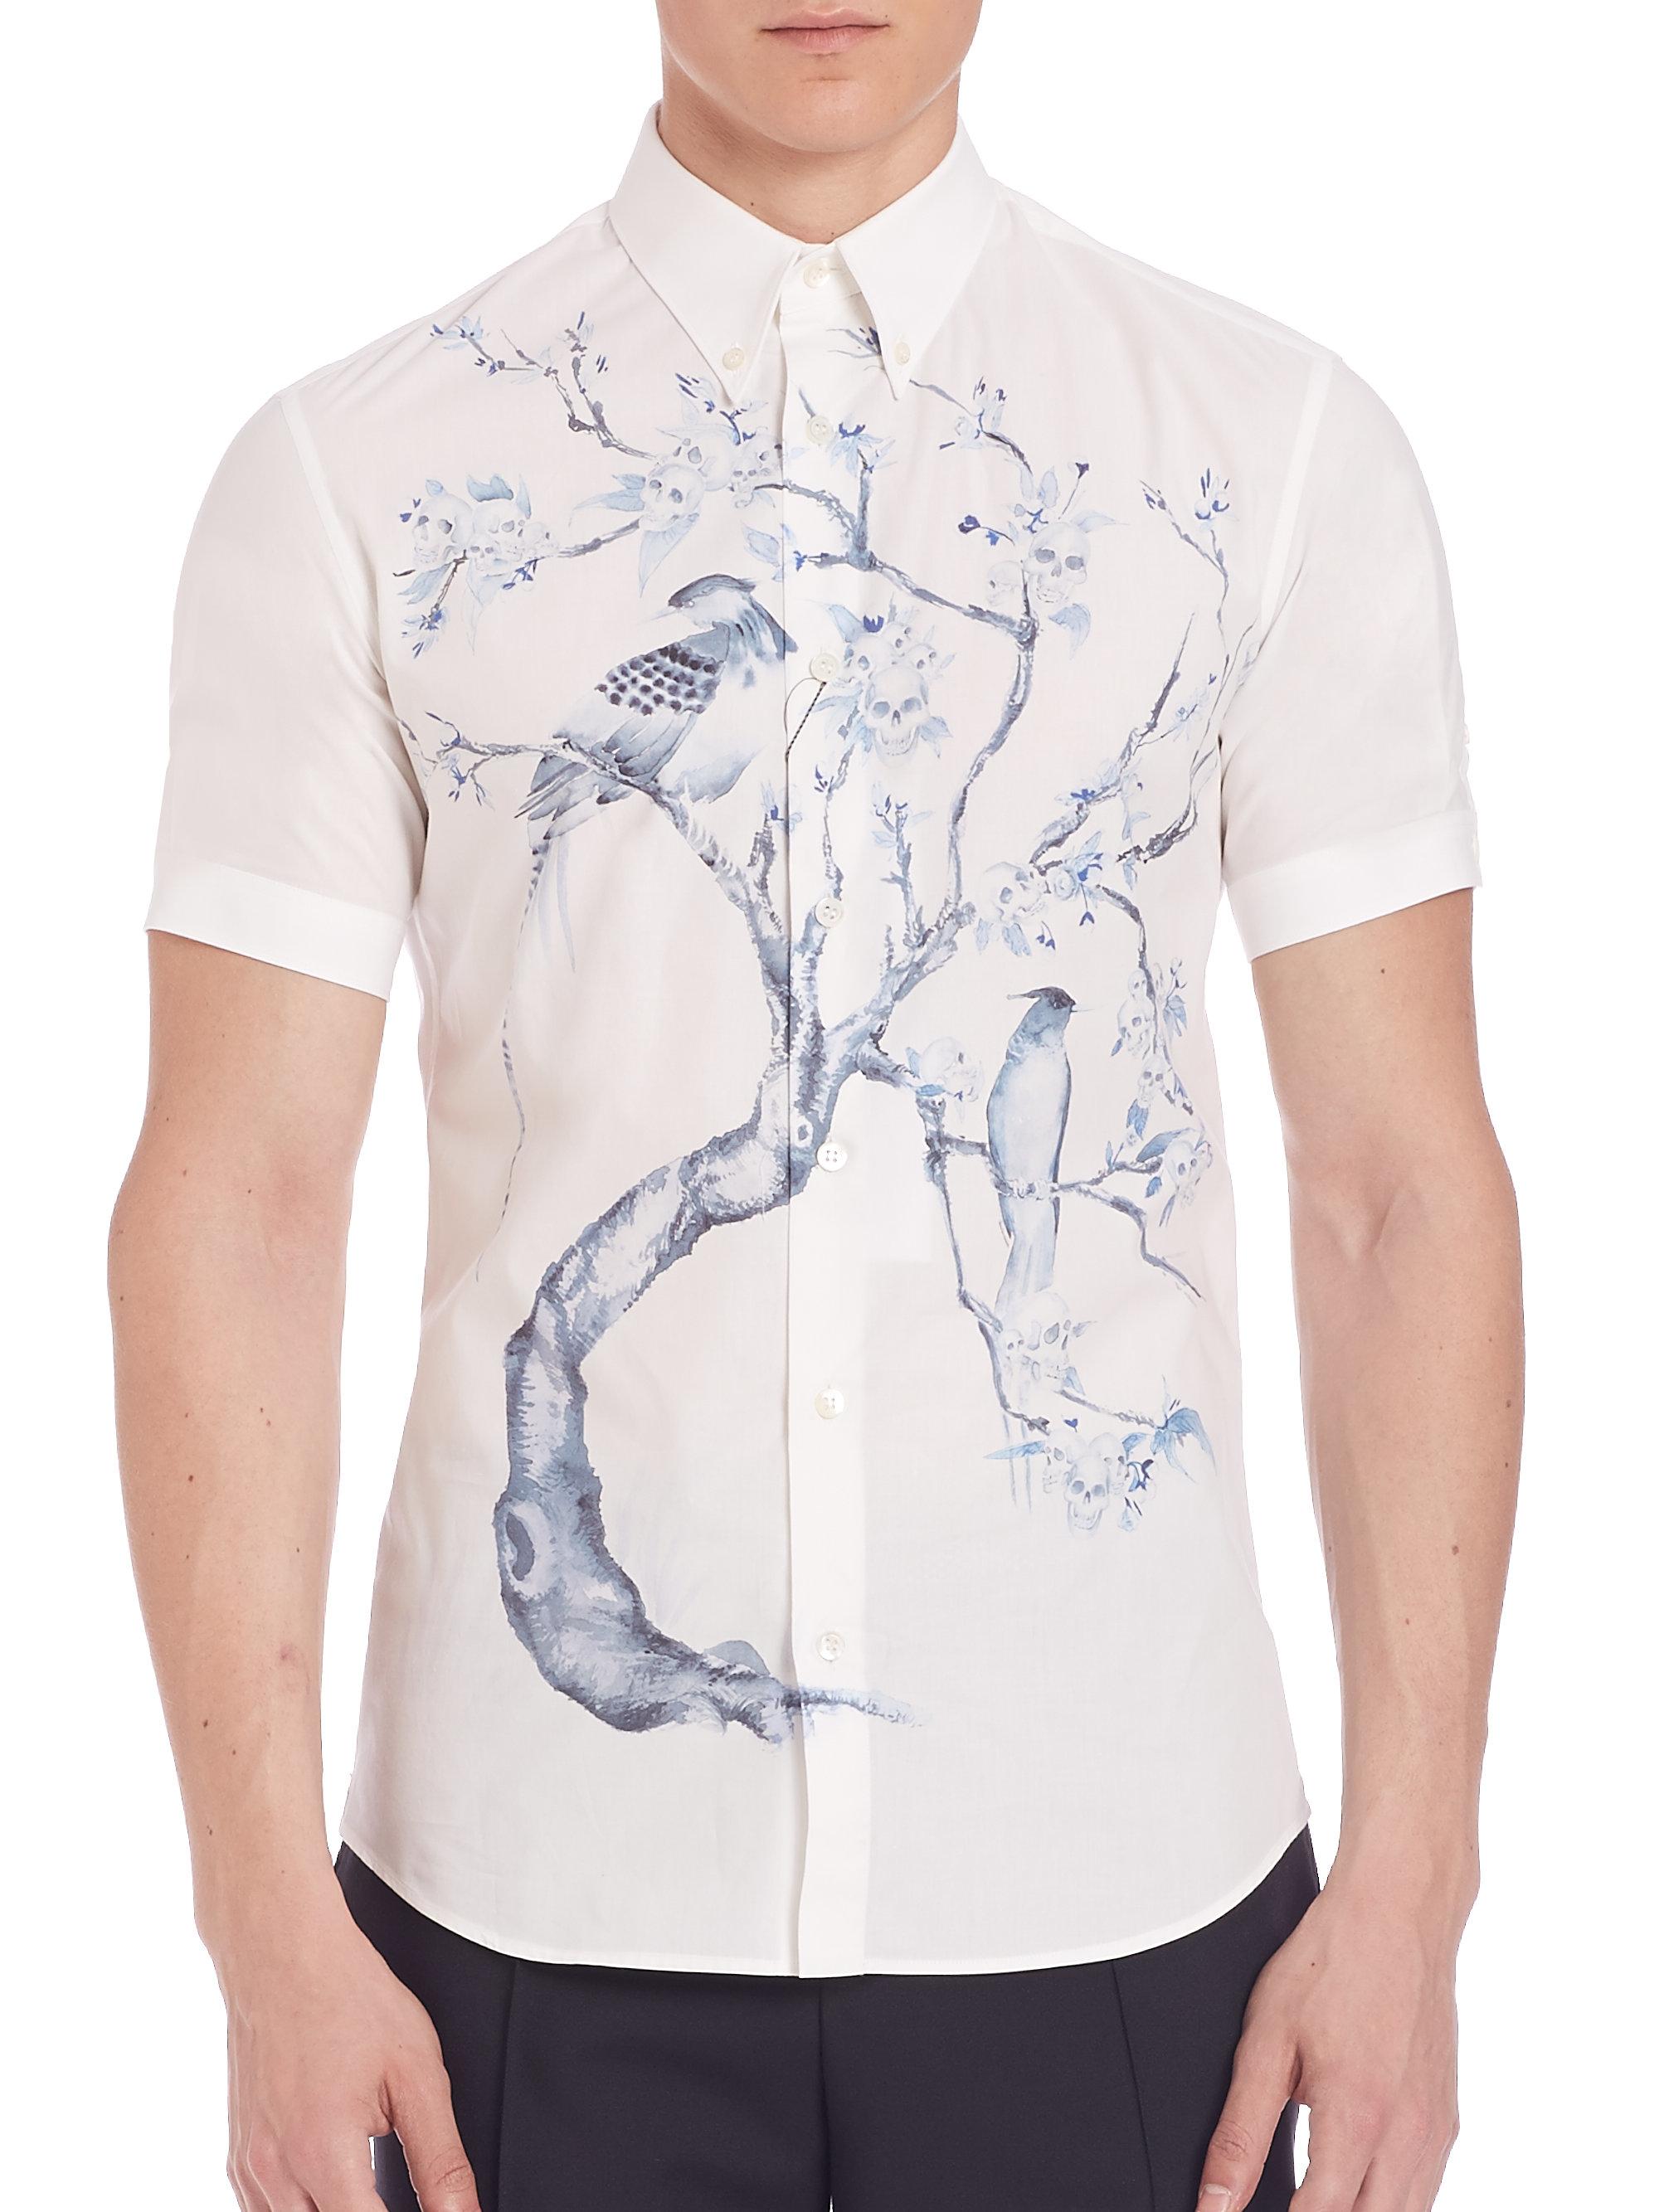 Alexander mcqueen printed short sleeve shirt in blue for for Alexander mcqueen shirt men